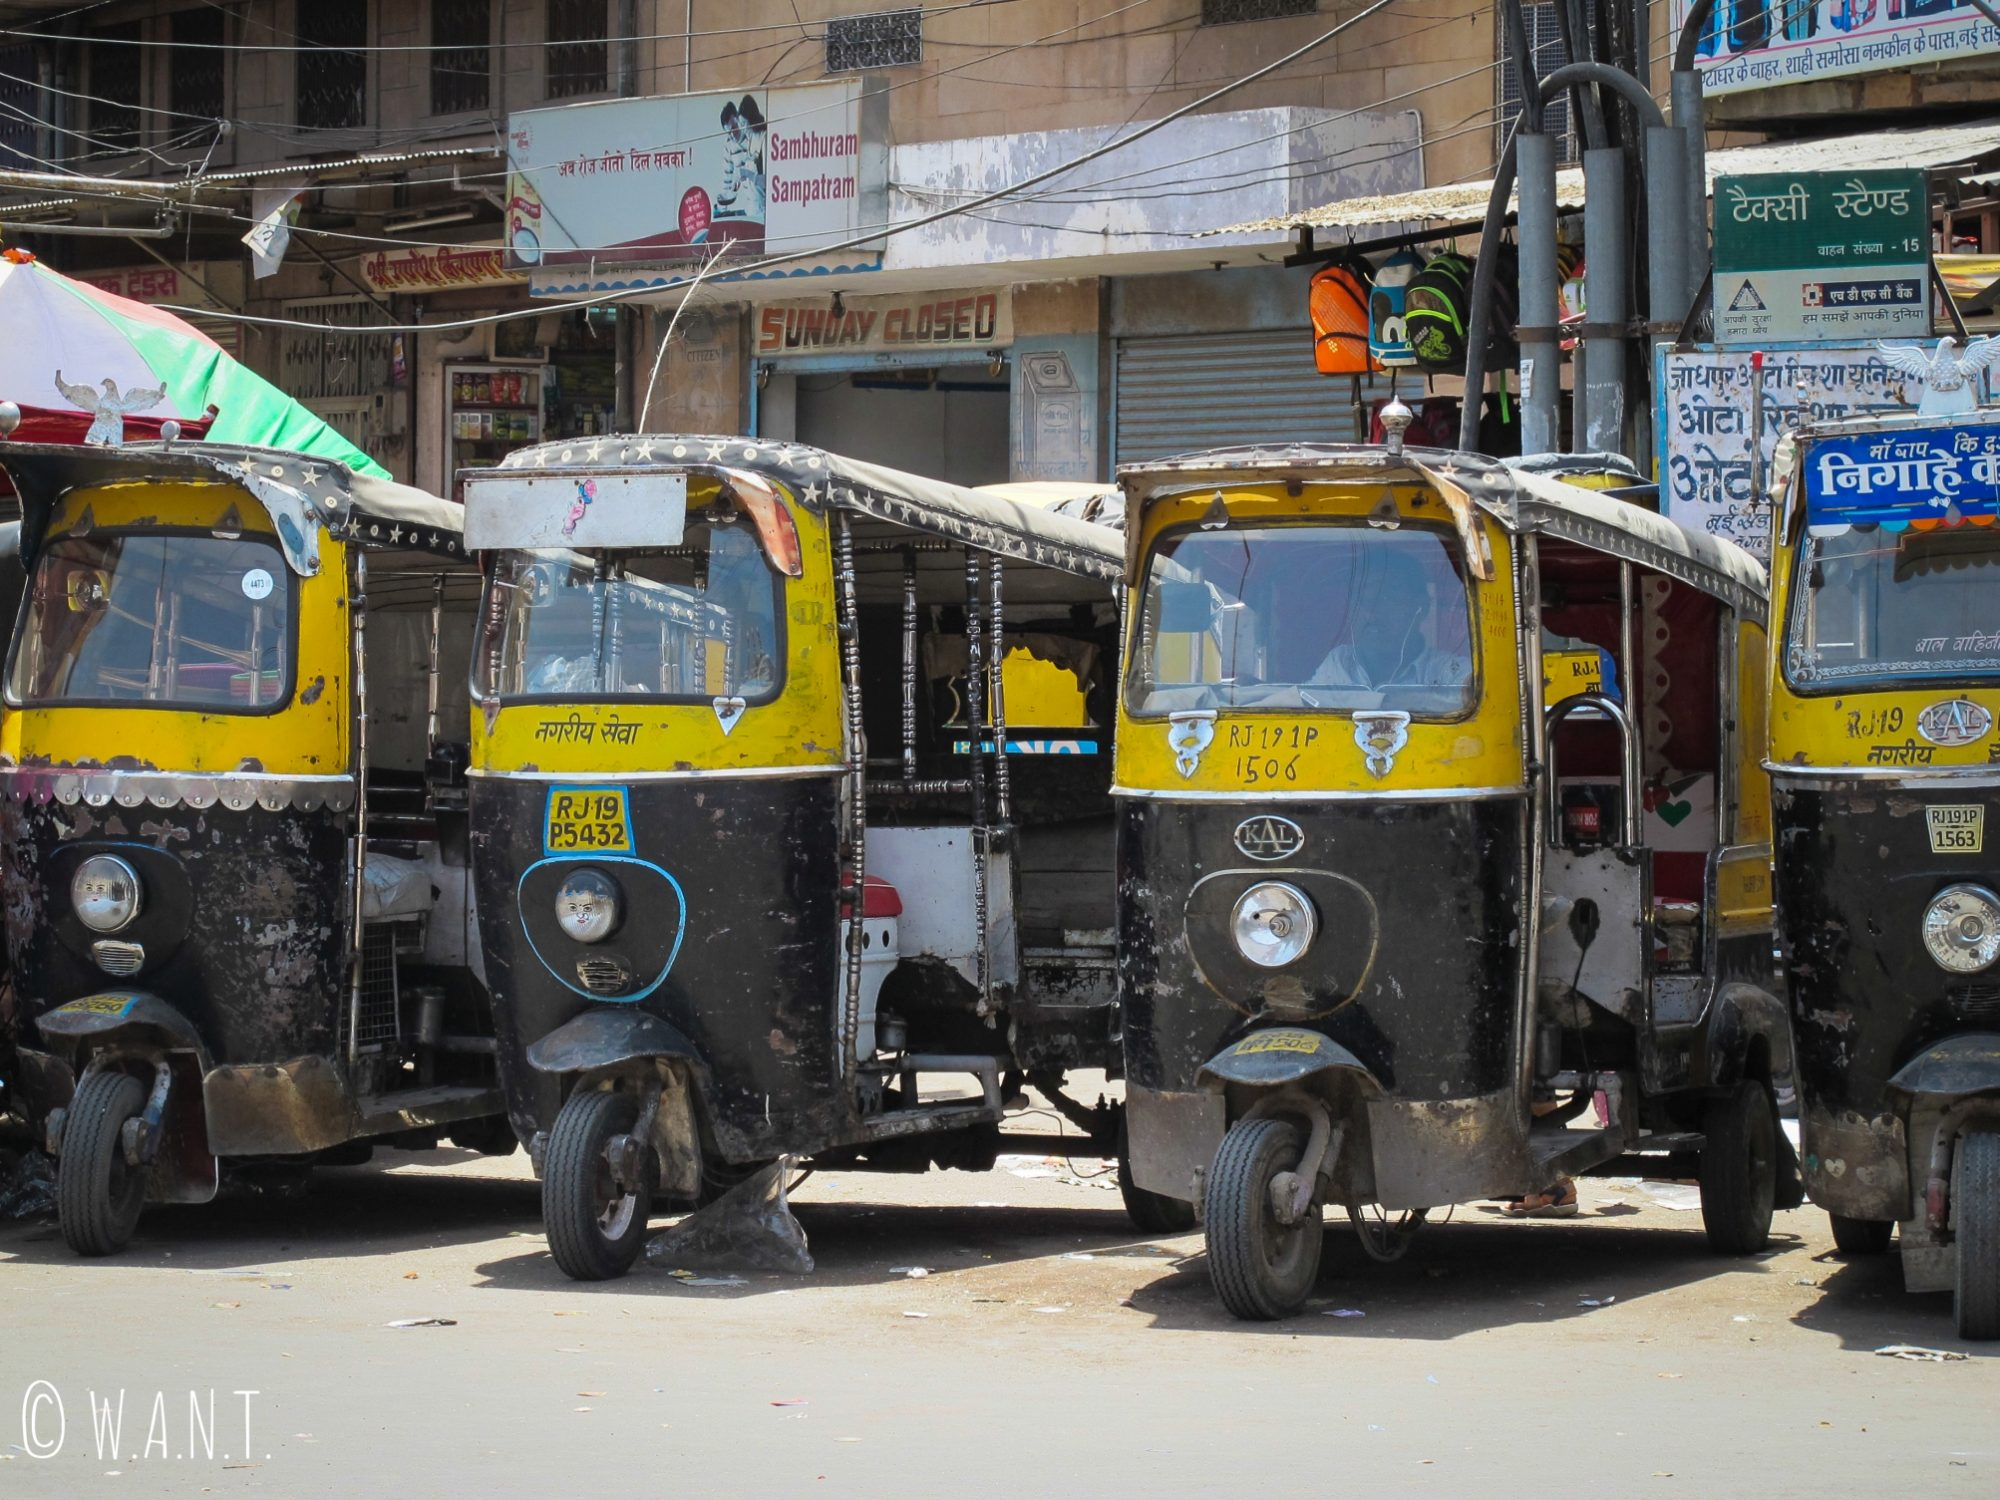 Les chauffeurs de rickshaws nous interpellent à chaque sortie dans les rues de Jodhpur